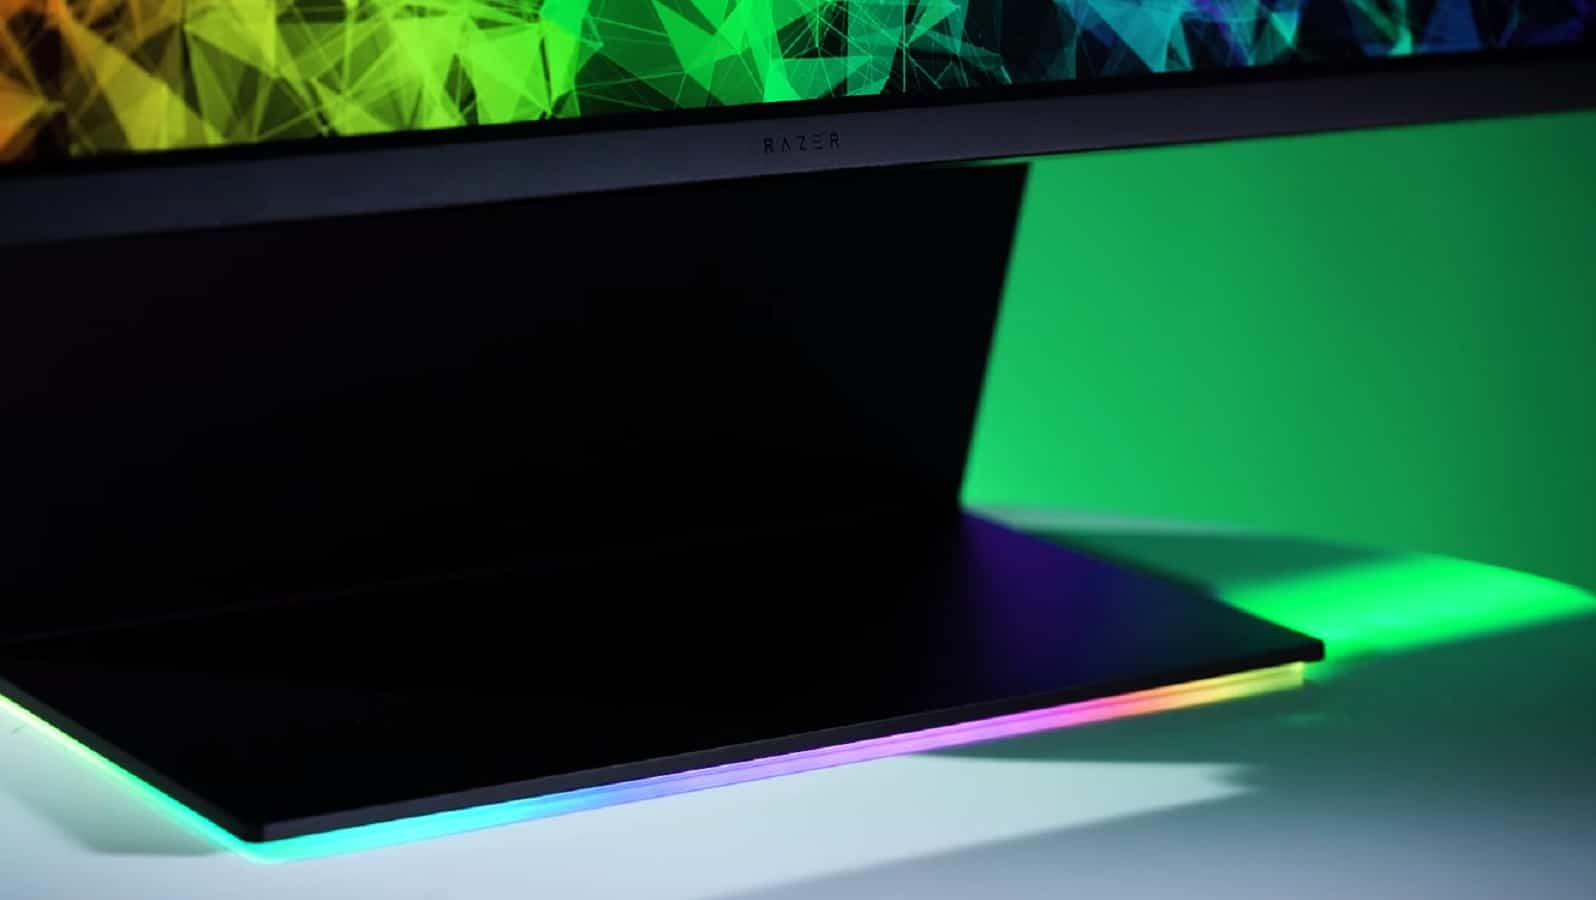 razer raptor gaming monitor with rgb base